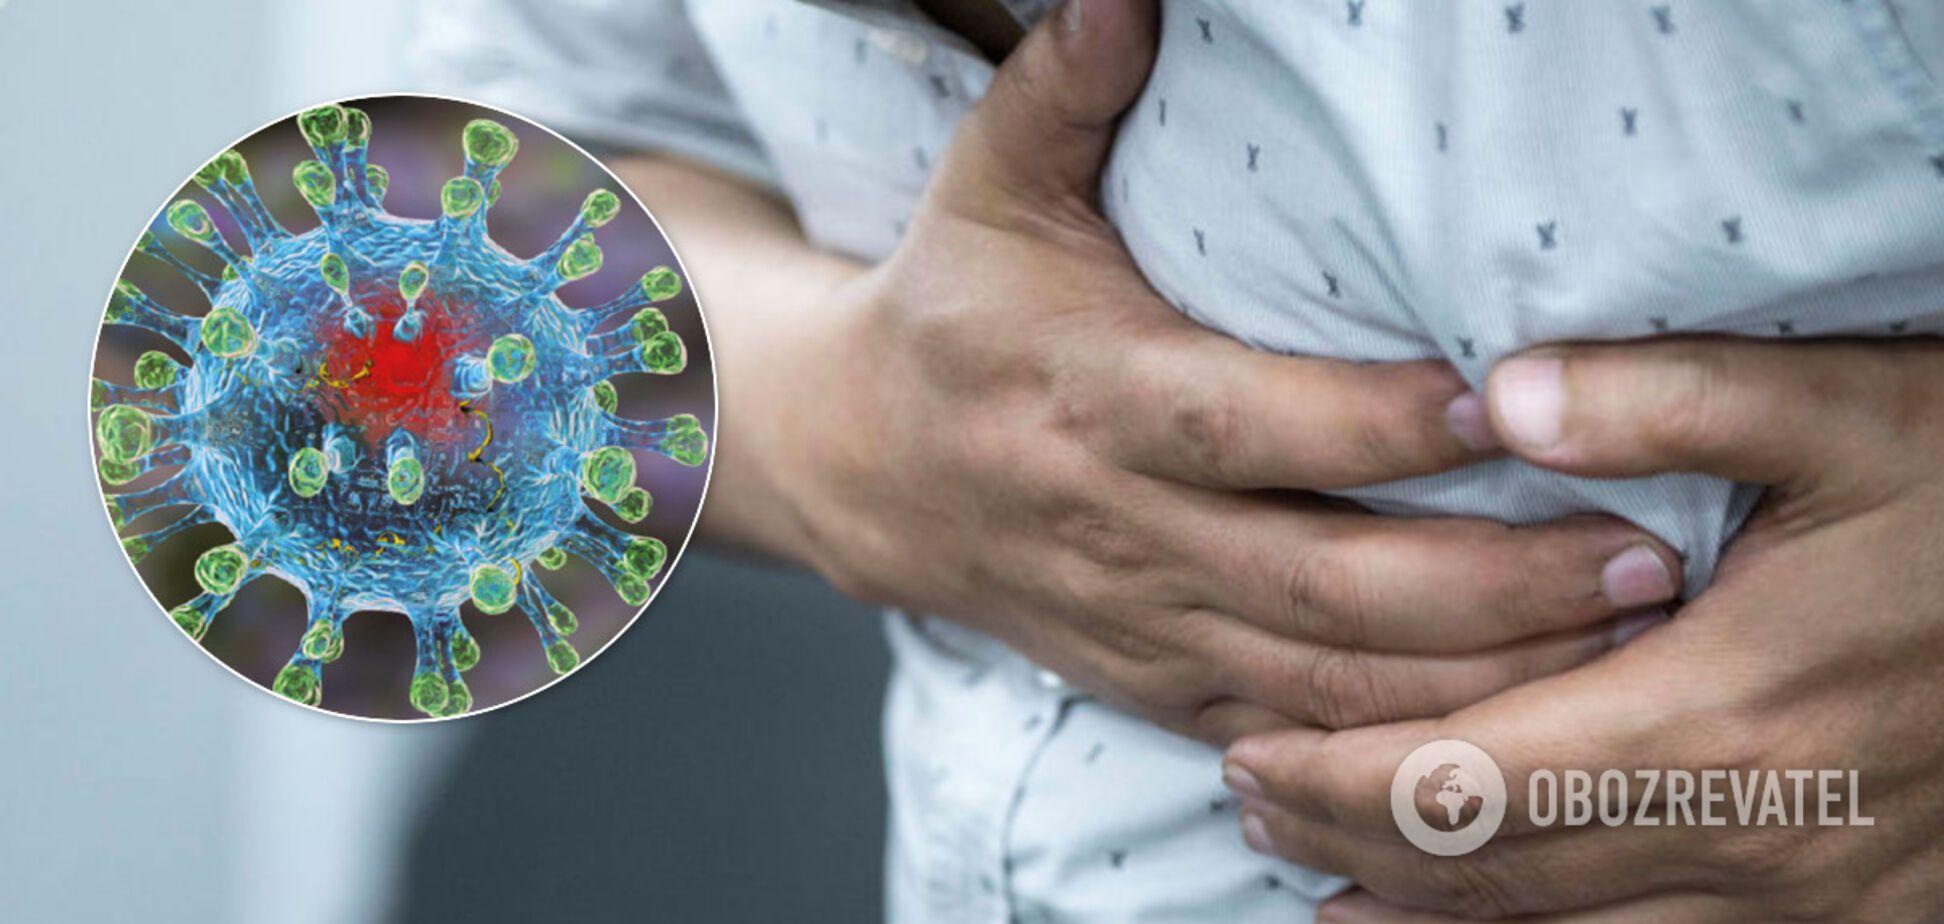 Інфаркт та інсульт: лікарка з Олександрівки розповіла про важкі прояви COVID-19